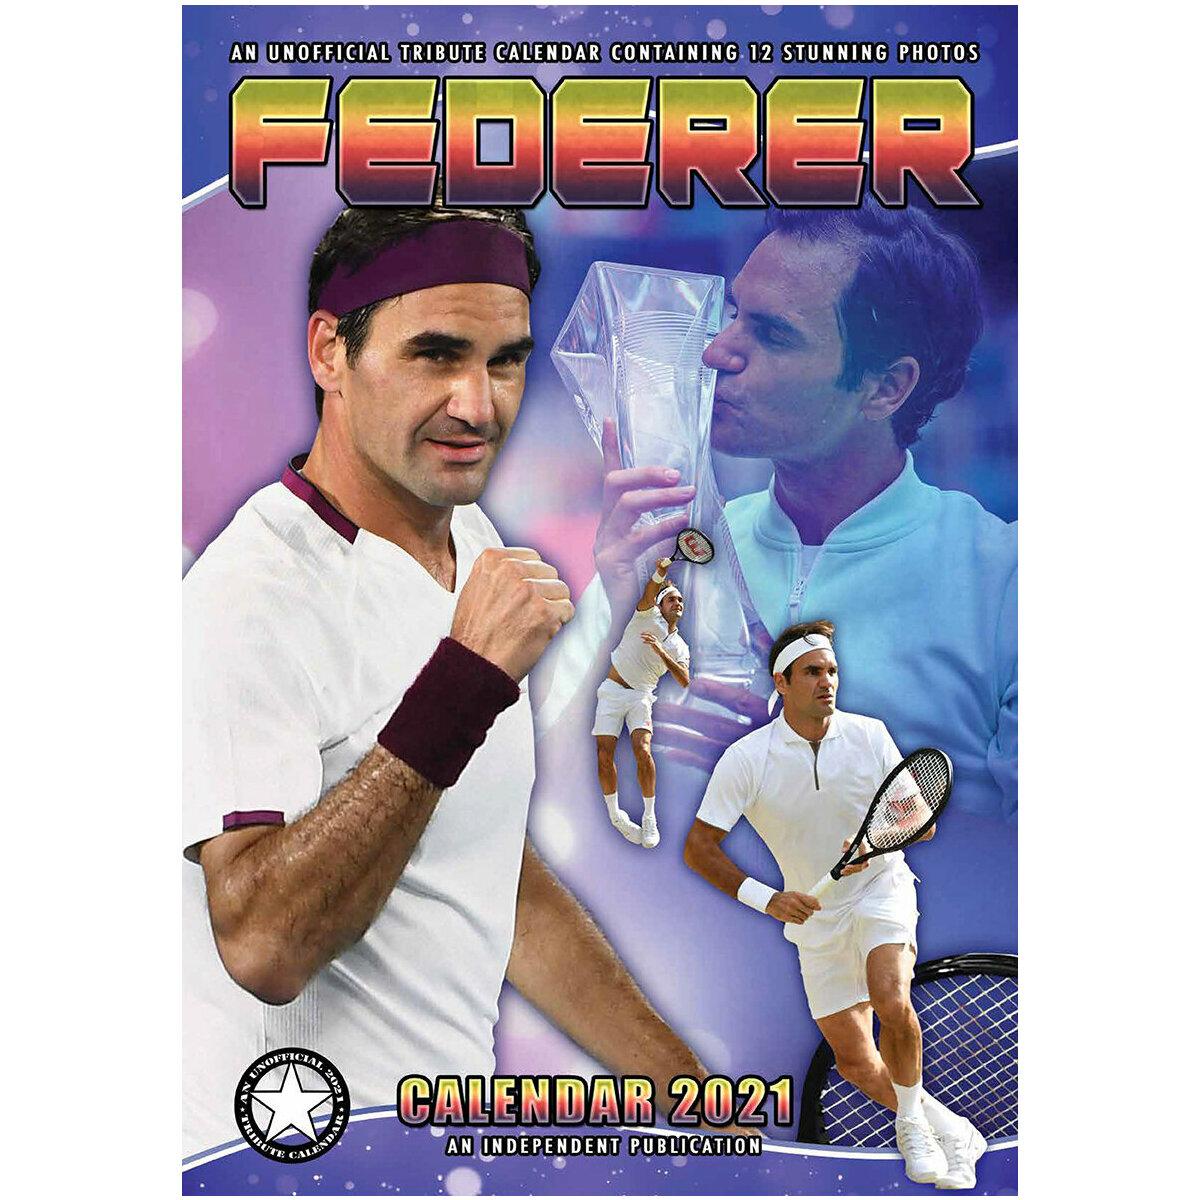 Calendrier 2021 Roger Federer format A3